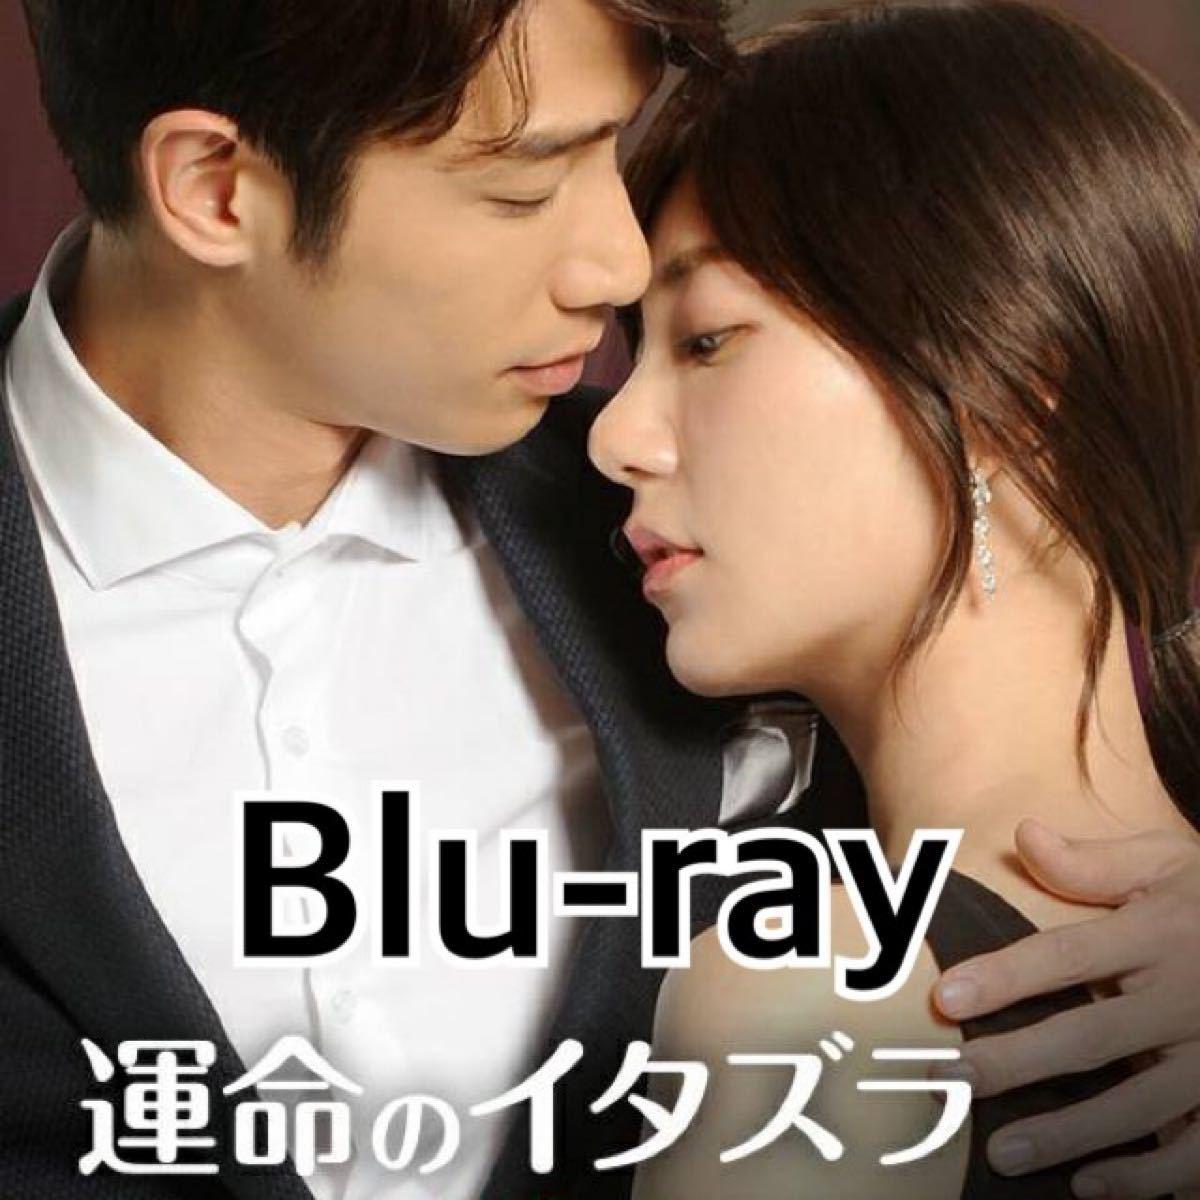 中国ドラマ 運命のイタズラ Blu-ray